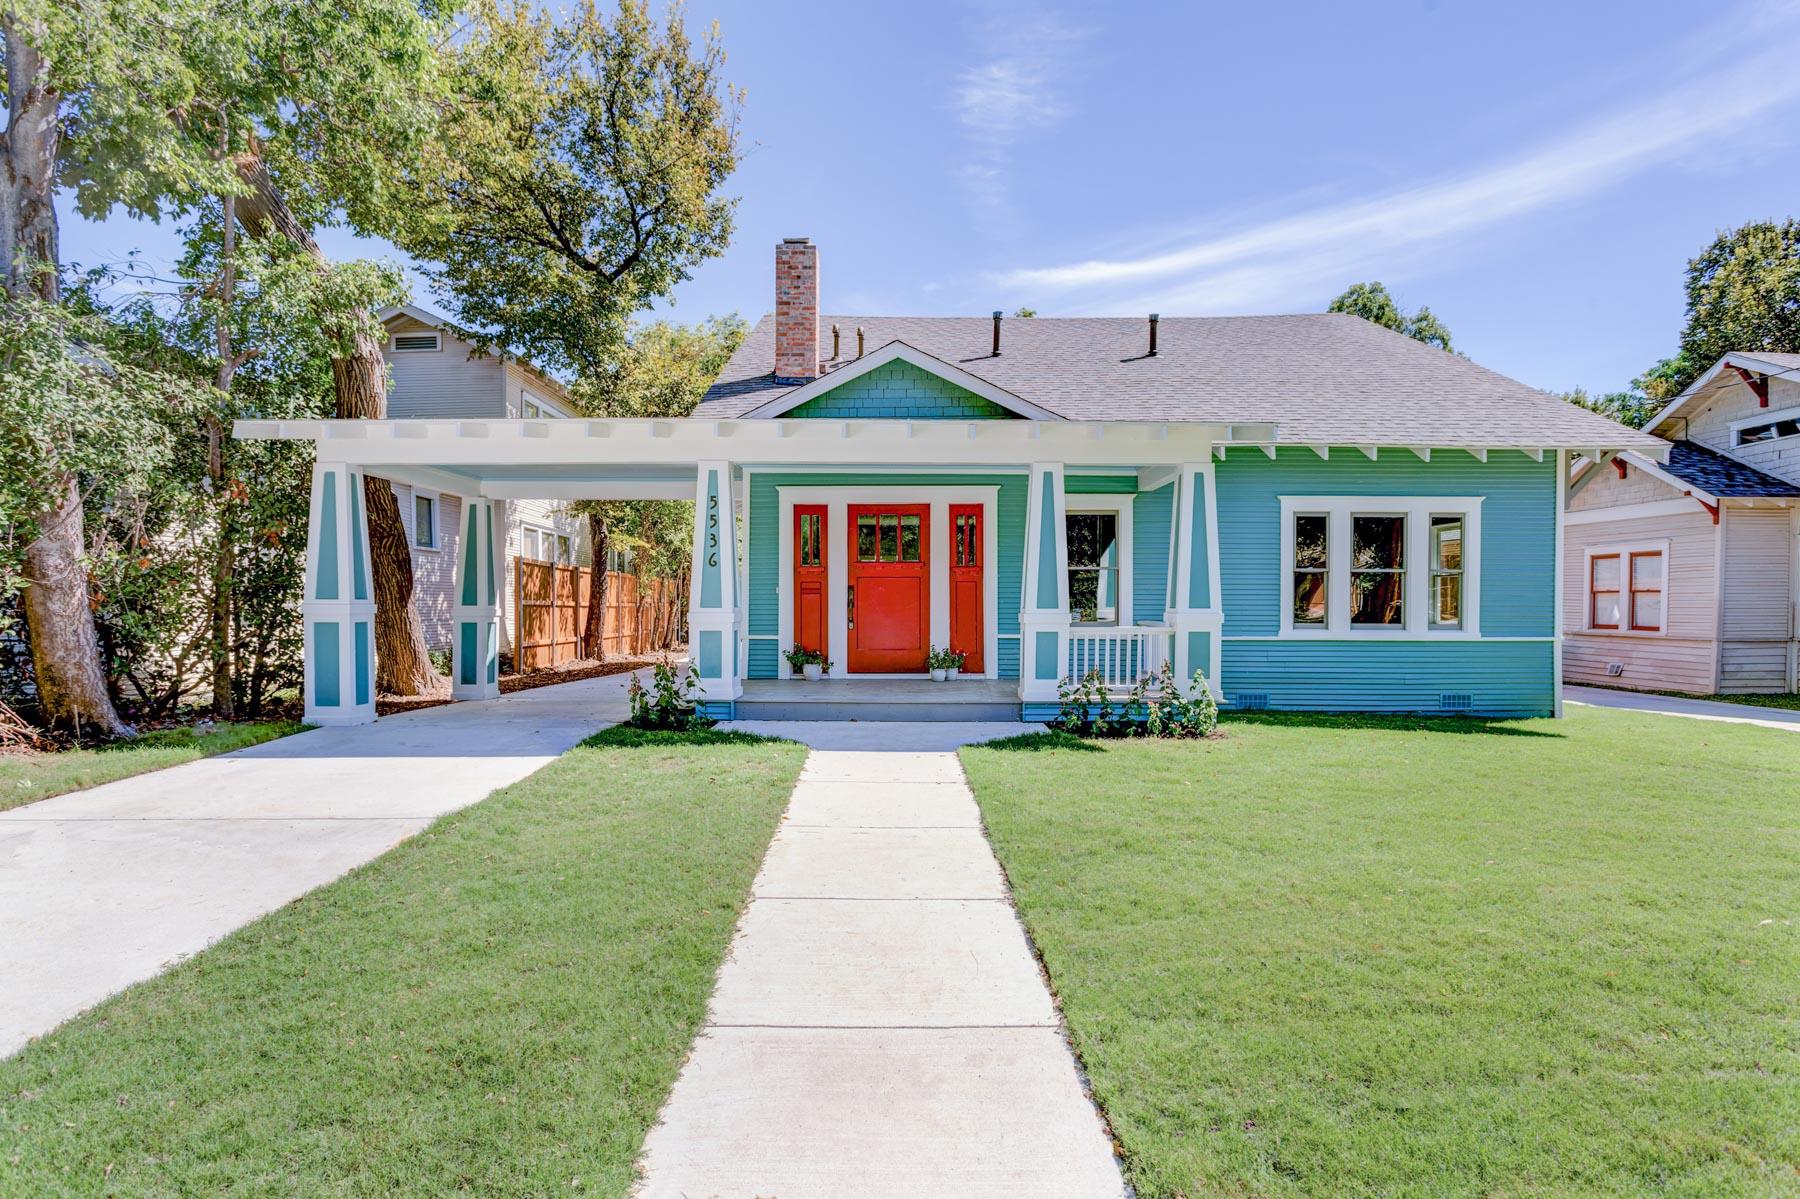 Villa per Vendita alle ore Old World Charm meets Modern Day Amenities 5536 Tremont St Dallas, Texas, 75214 Stati Uniti